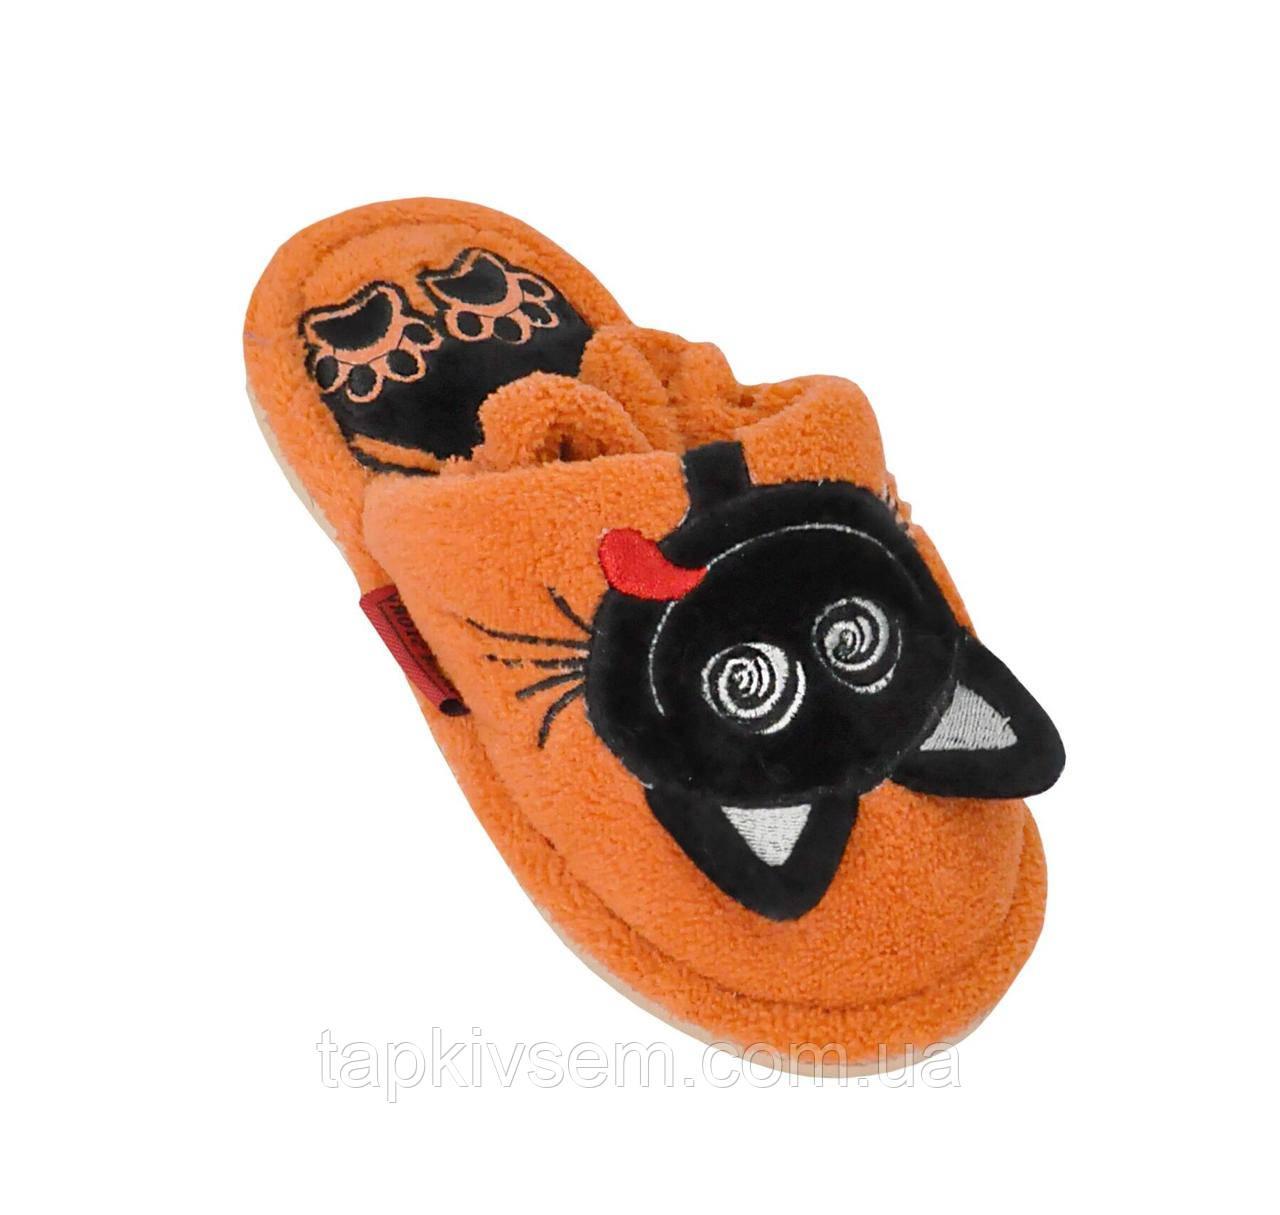 Детские домашние тапки Home Story 91260-ЕС 26 размер